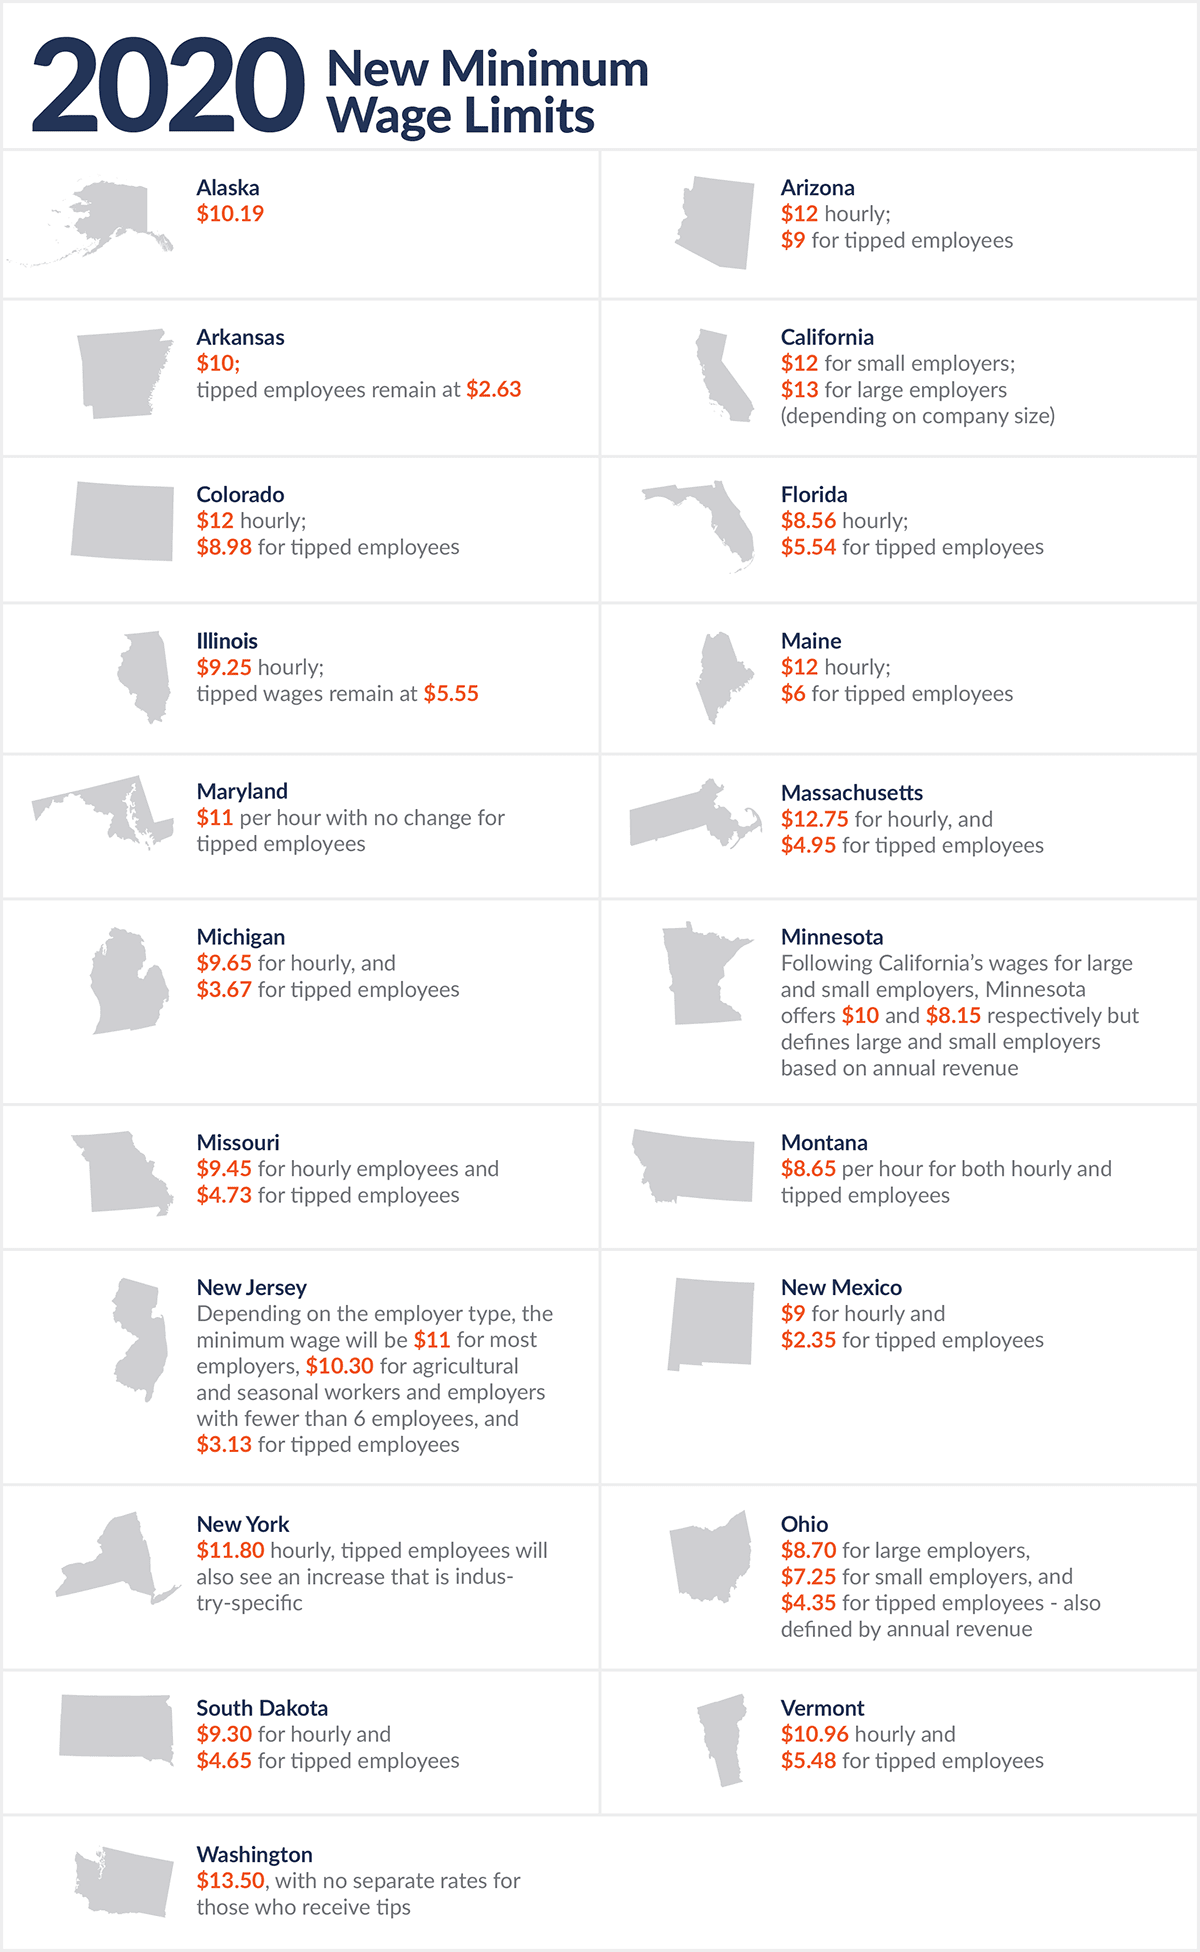 2020 Minimum Wage Limit by State